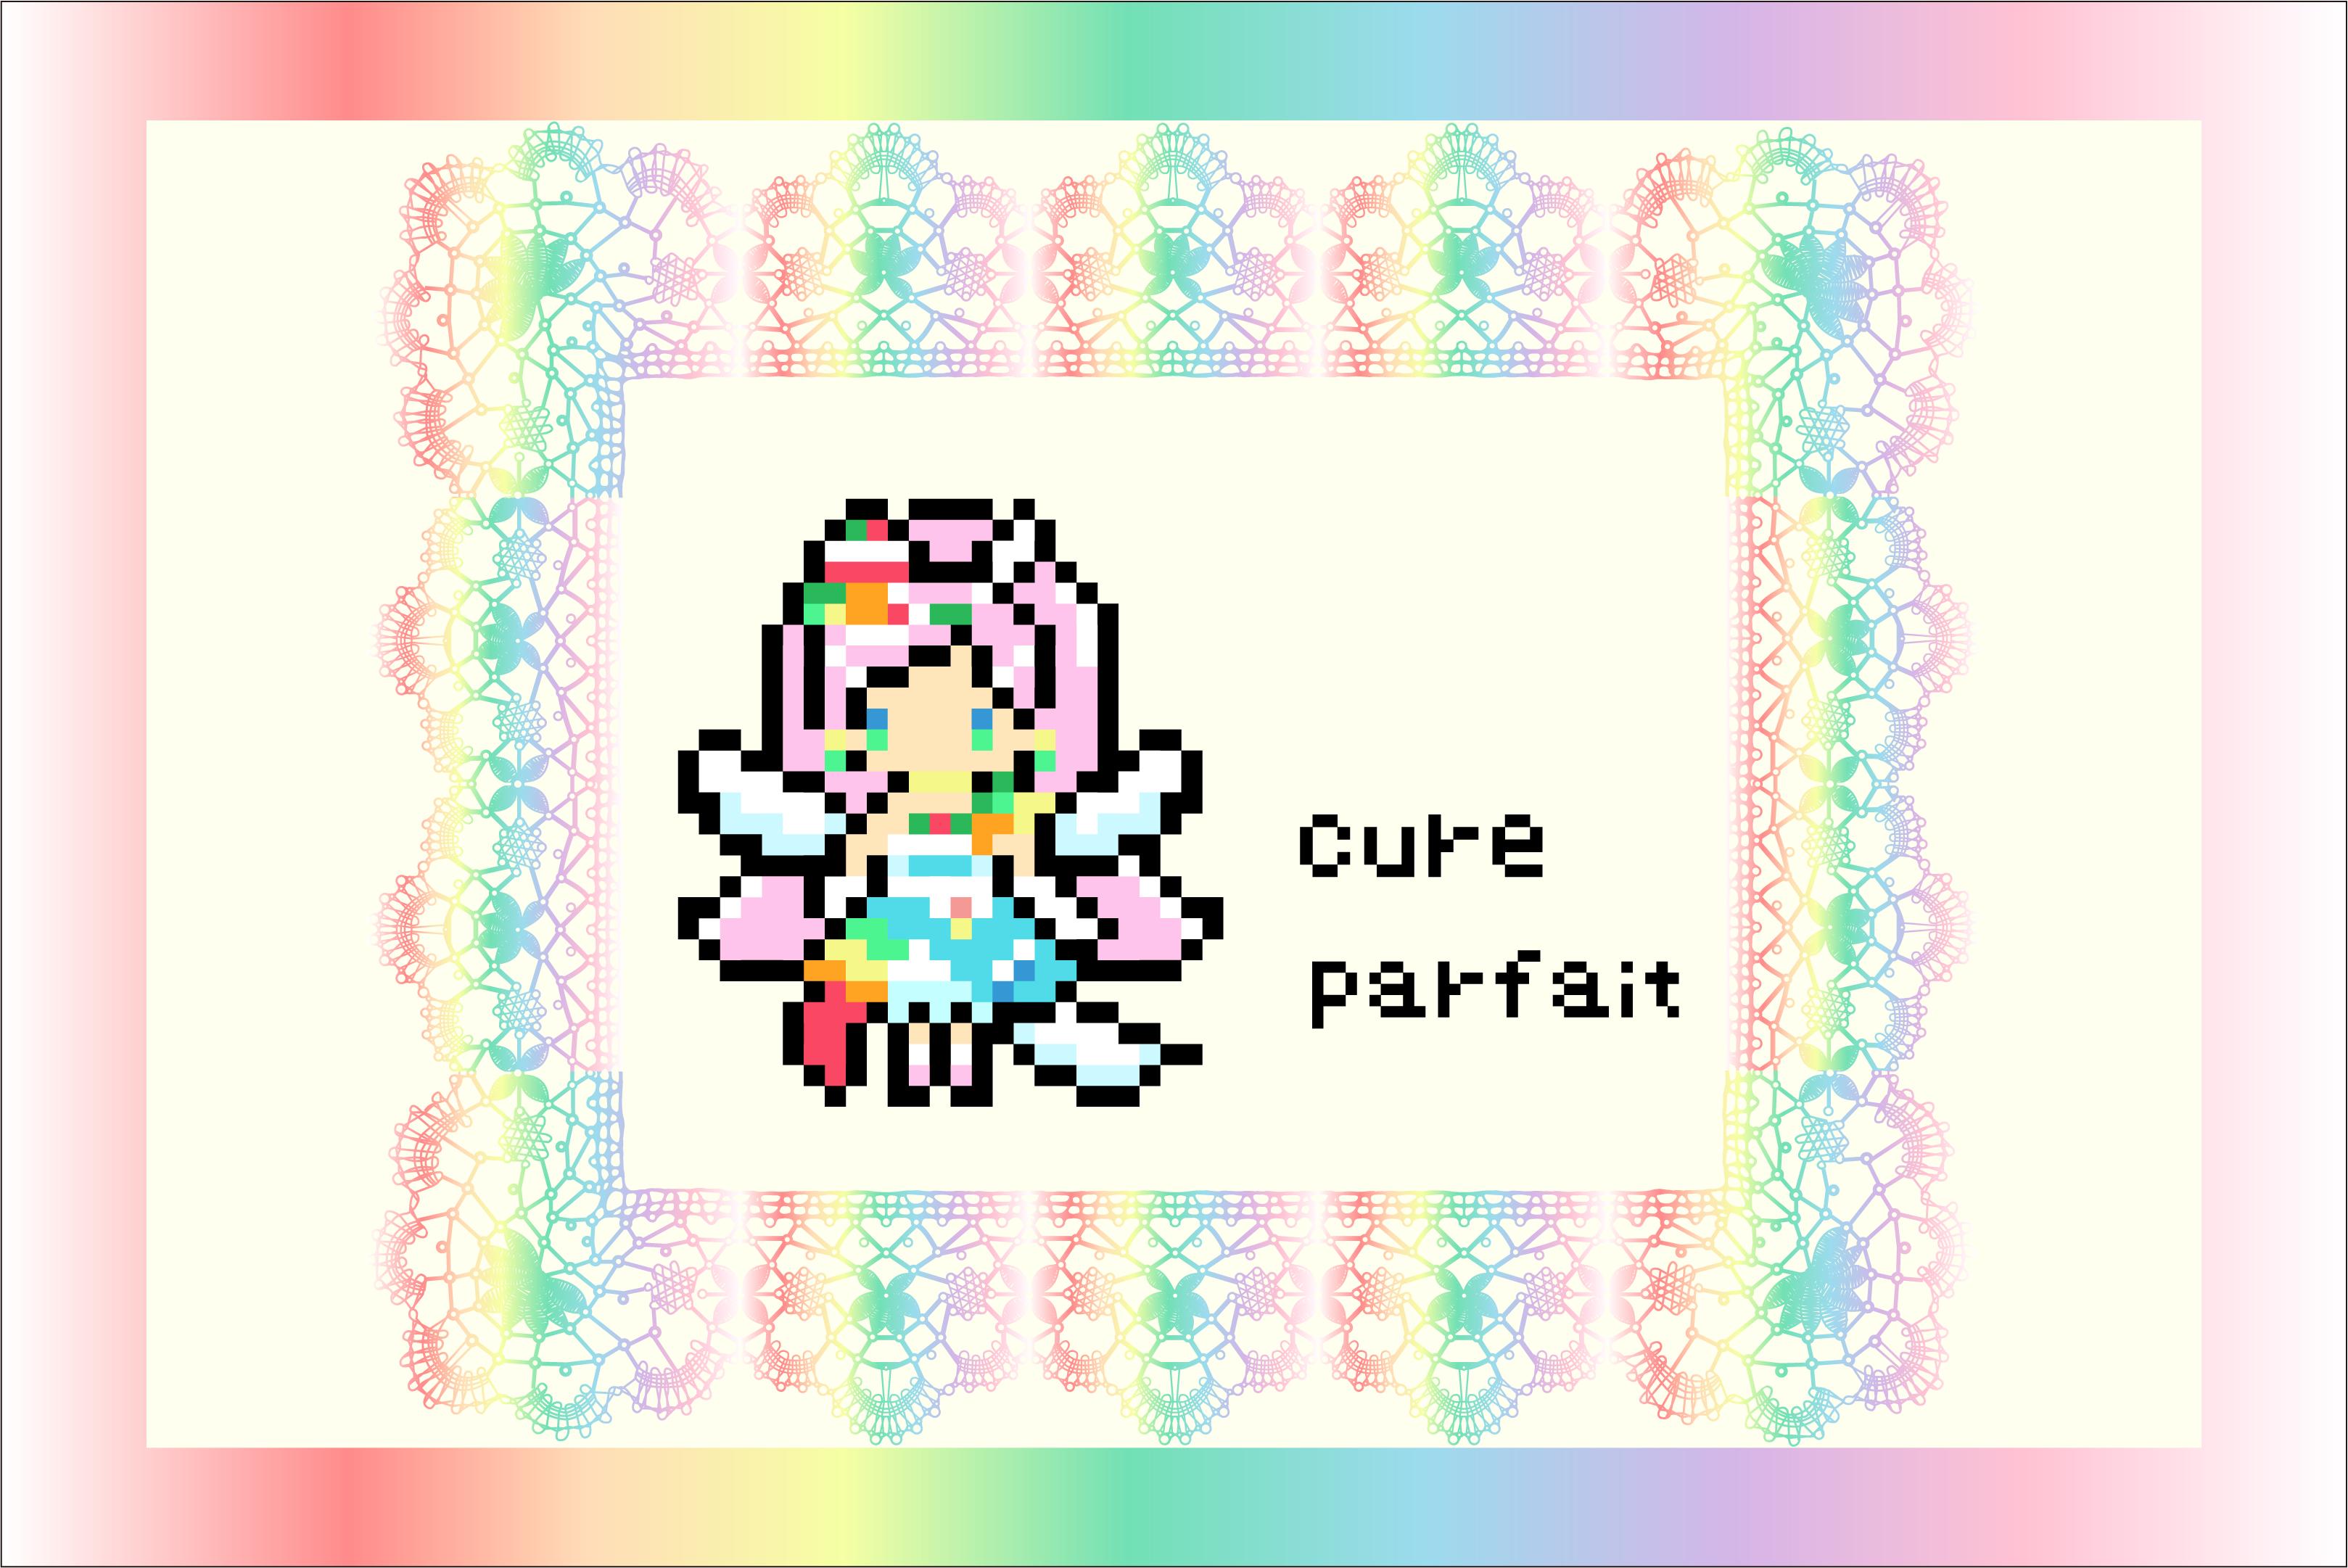 【キラキラ☆プリキュアアラモード】キュアパルフェのアイロンビーズ図案